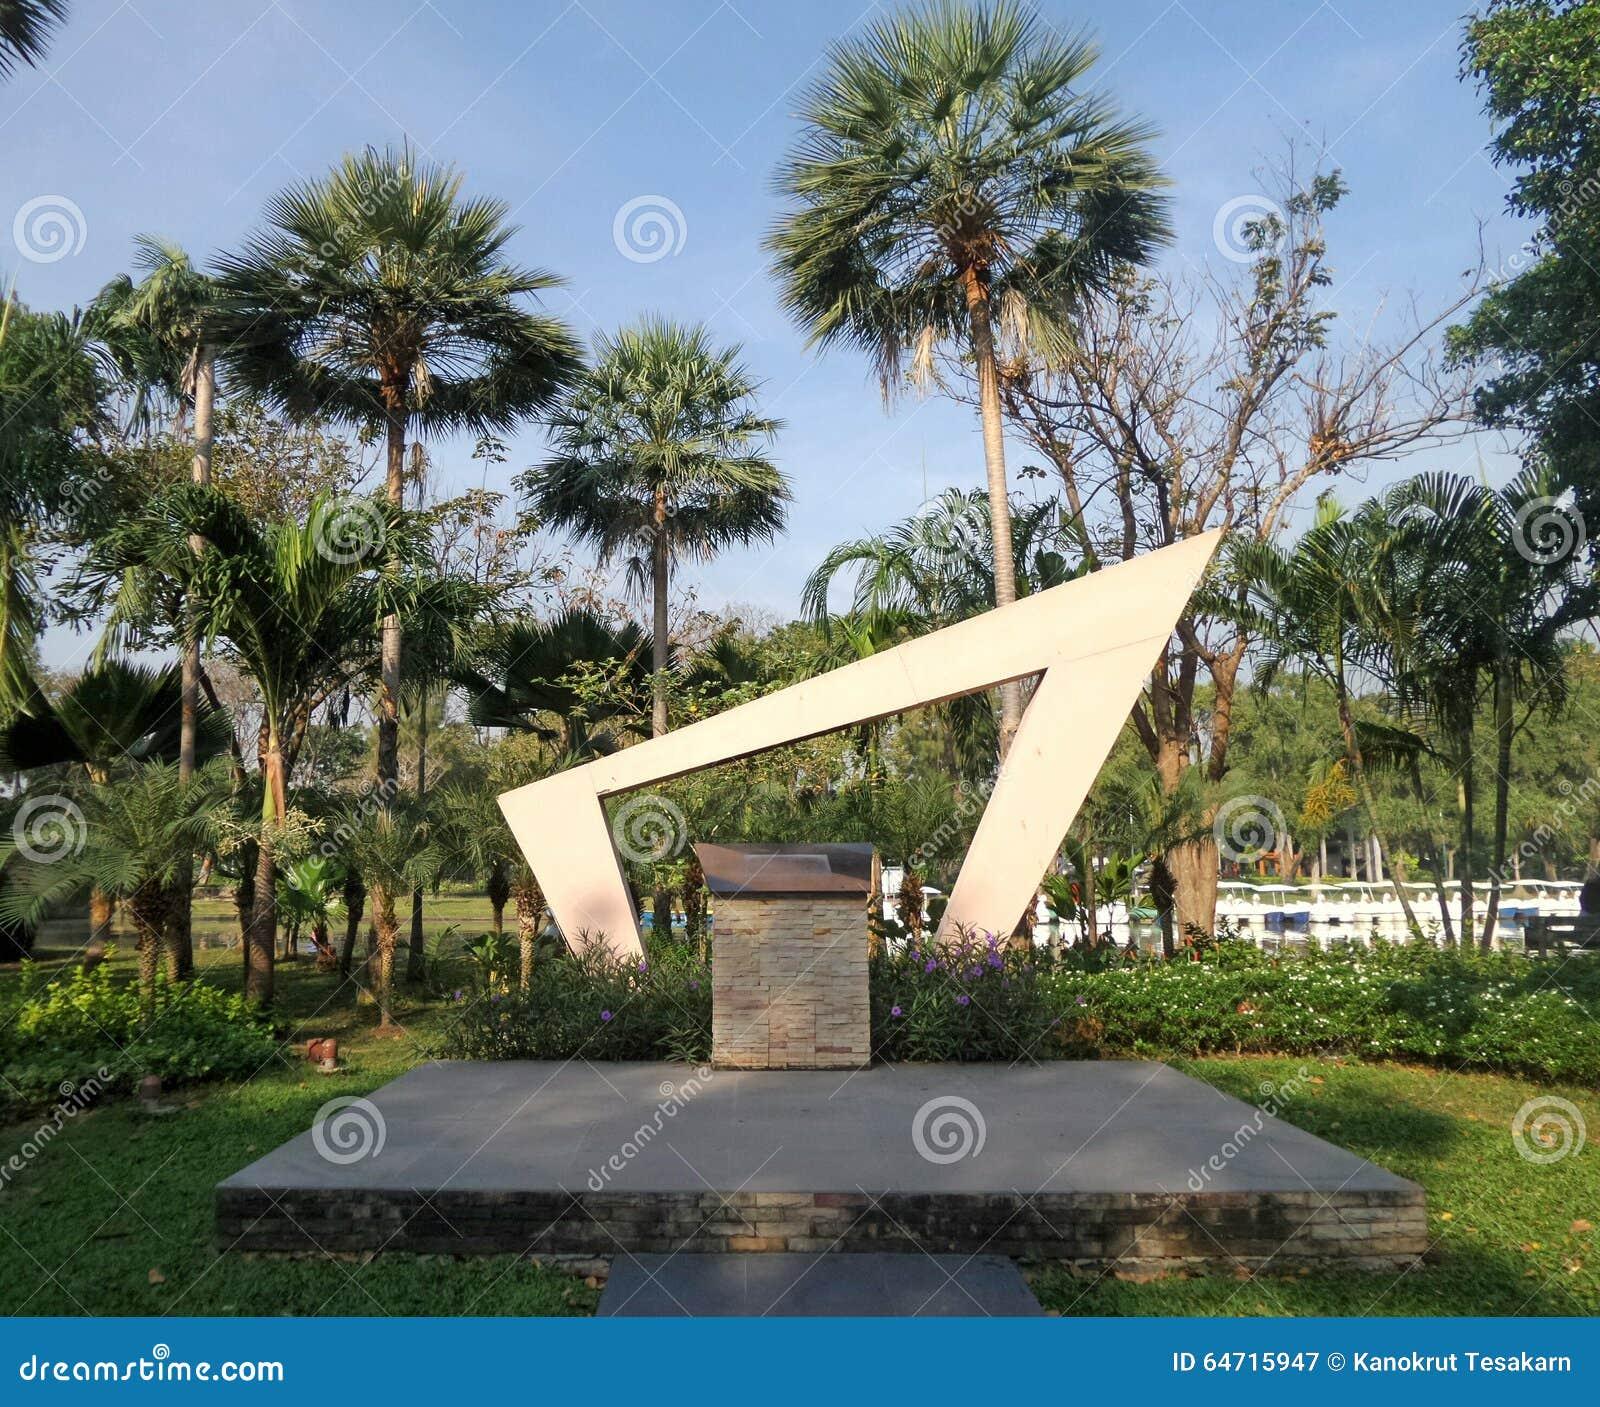 Sculpture Landmark In Jatuchak City Park Stock Photo